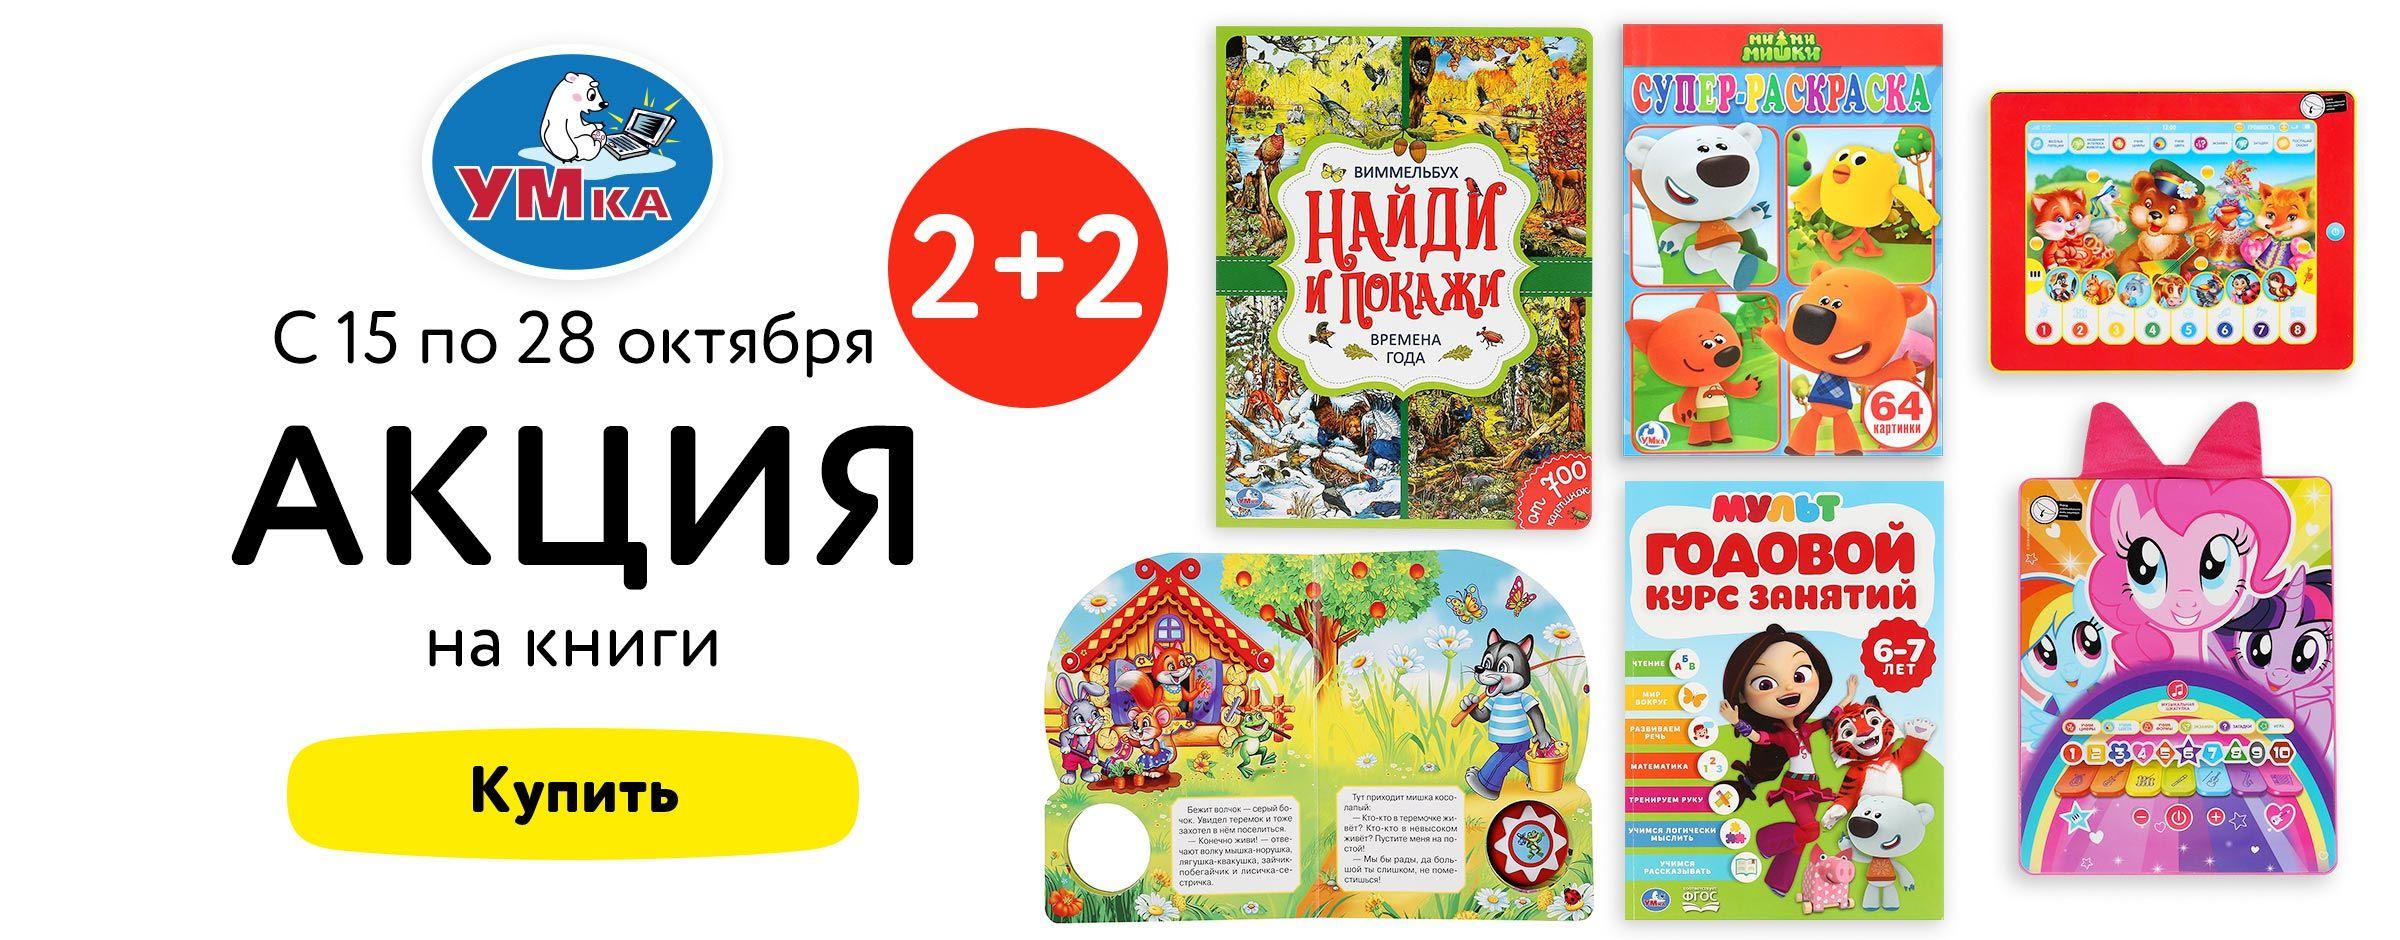 2+2 на книги издательства Умка